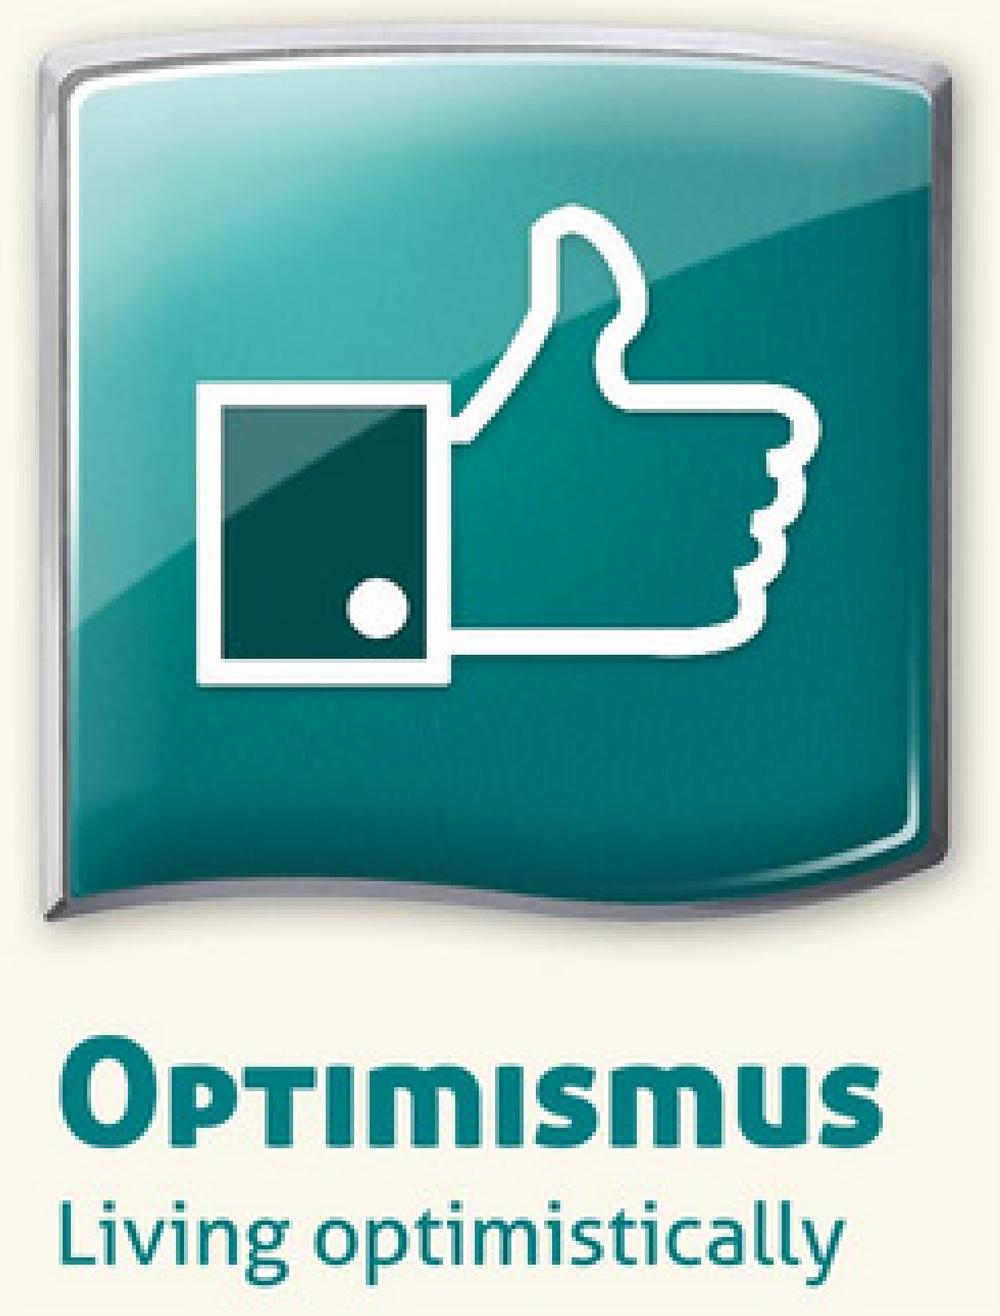 ....      «Du mit deinem Optimismus! Du hast gut reden!»      Ist Optimismus lediglich positives Reden, ein passives Schön-Wetter-Denken, ein Ausblenden von negativen Tatsachen?    Ein Optimist nimmt die Welt realistisch wahr, entscheidet sich aber auch angesichts des Negativen für den Glauben an das Gute. Er setzt seinen Willen ein, um immer mit dem Guten Hand in Hand zu arbeiten. Das setzt ungeahnte Kräfte frei.     ..     «You and your optimism! Easy for you to say!»      Is optimism just positive talk? A passive, fair-weather attitude? A way of filtering out negative facts?    An optimist sees the world realistically, but chooses to believe that good will prevail, in spite of obvious and towering obstacles. He or she decides to throw in his or her lot with and work on the side of good. In so doing, seemingly impossible feats suddenly become possible.    ....